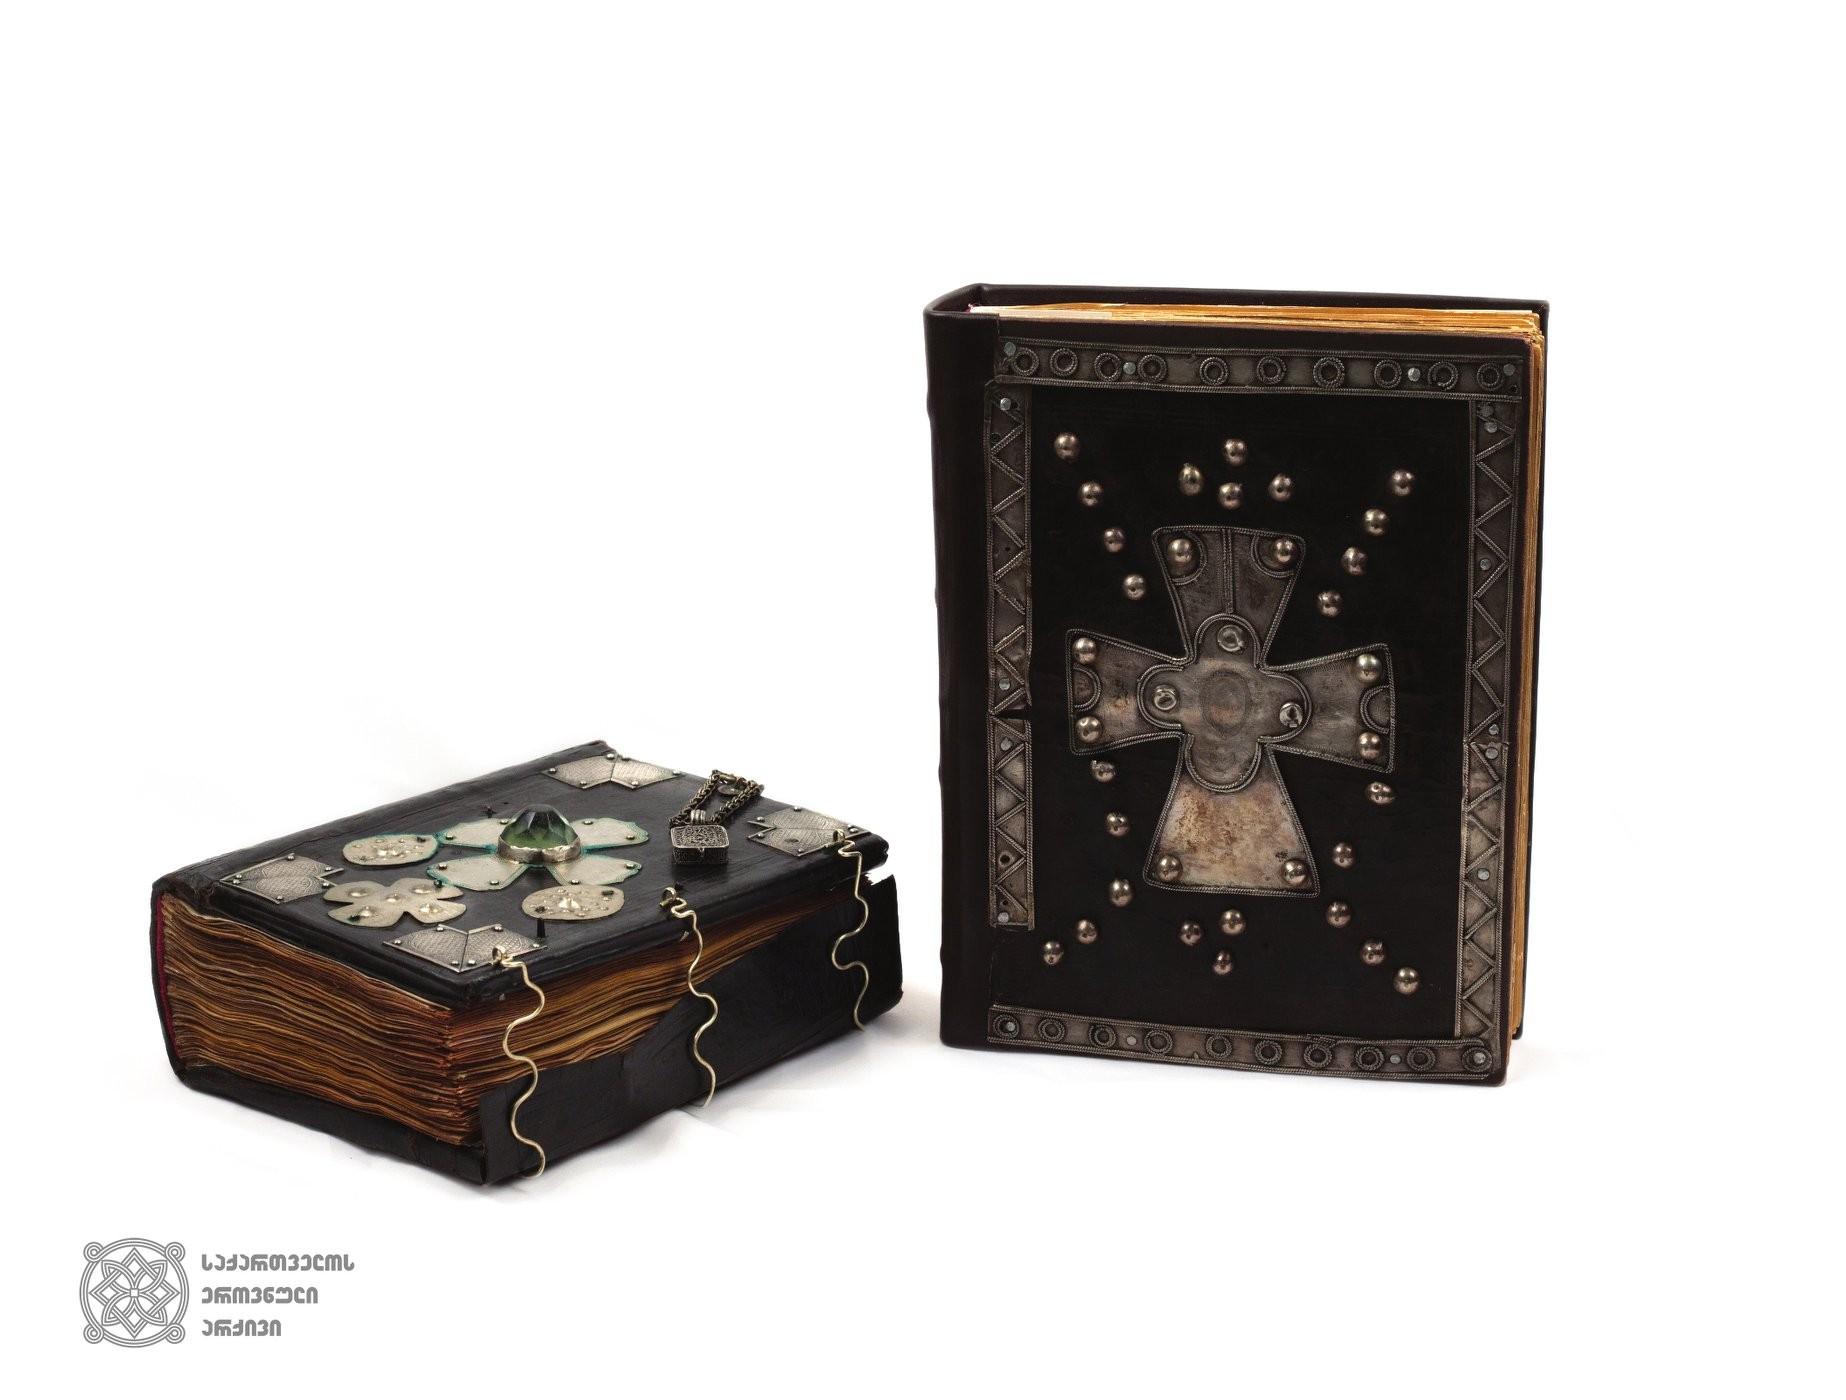 ანჩისა (XII-XIII სს.) და კალმახის ციხის (1534 წელი) სახარებები; ორივე სახარებისთვის ექვთიმე თაყაიშვილი 1895 წელს საგანგებოდ ჩავიდა წალკაში და აღწერა. მანვე დაგვიტოვა ფასდაუდებელი ცნობები ამ სახარებათა შესახებ, ვინაიდან 1923 წლისათვის, როცა სახარებები არქივში შემოვიდა შესანახად, ხელნაწერებს უკვე მნიშვნელოვანი დანაკარგები ჰქონდა, მათ შორის დაკარგული იყო ხელნაწერების მინიატურები და ანდერძ-მინაწერები.  <br> Anchi Gospel (12th-13th) and Fourgospel scribed in Kalmakhi castle (1534)  In 1895 Ekvtime Takaishvili specially visited Tsalka for both of the gospels and described them. He gave us the valuable information about these gospels, since for 1923, when the gospels were transferred to the archive, the manuscripts already had a significant loss, including the miniatures and the colophons of the manuscripts that were lost.